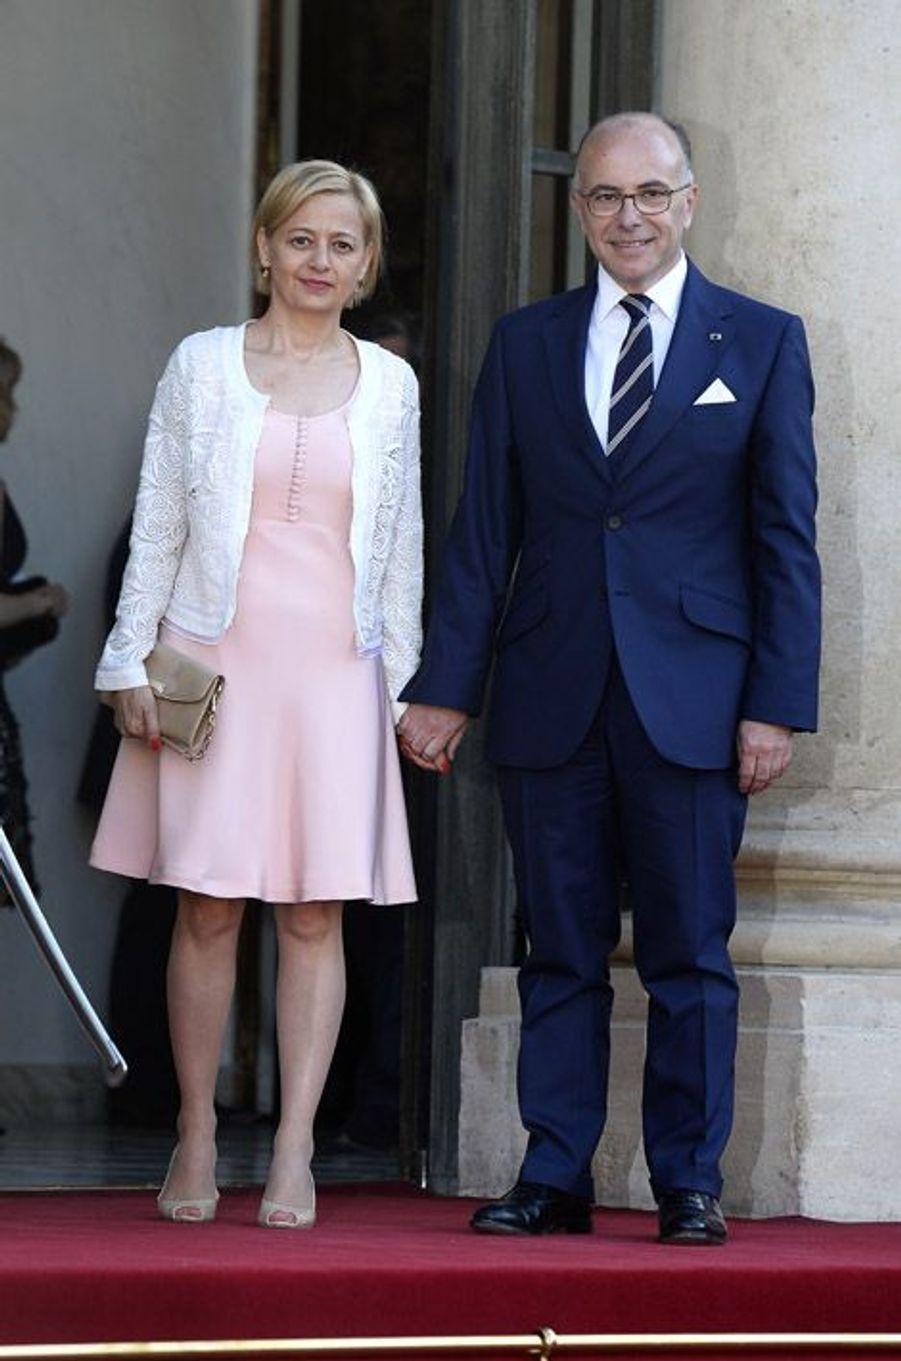 Bernard Cazeneuve et son épouse à l'Elysée pour le dîner d'Etat donné en l'honneur du roi Felipe et de la reine Letizia d'Espagne